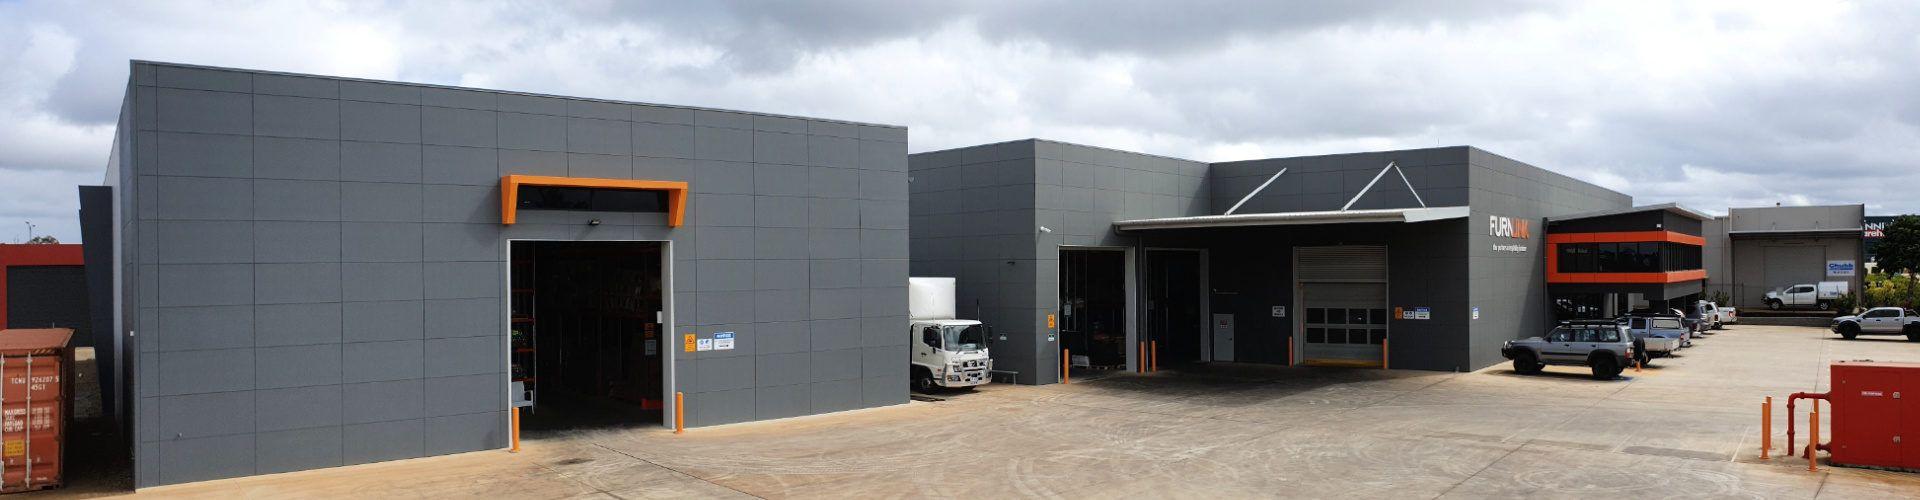 Front of the Furnlink Building in Bundaberg